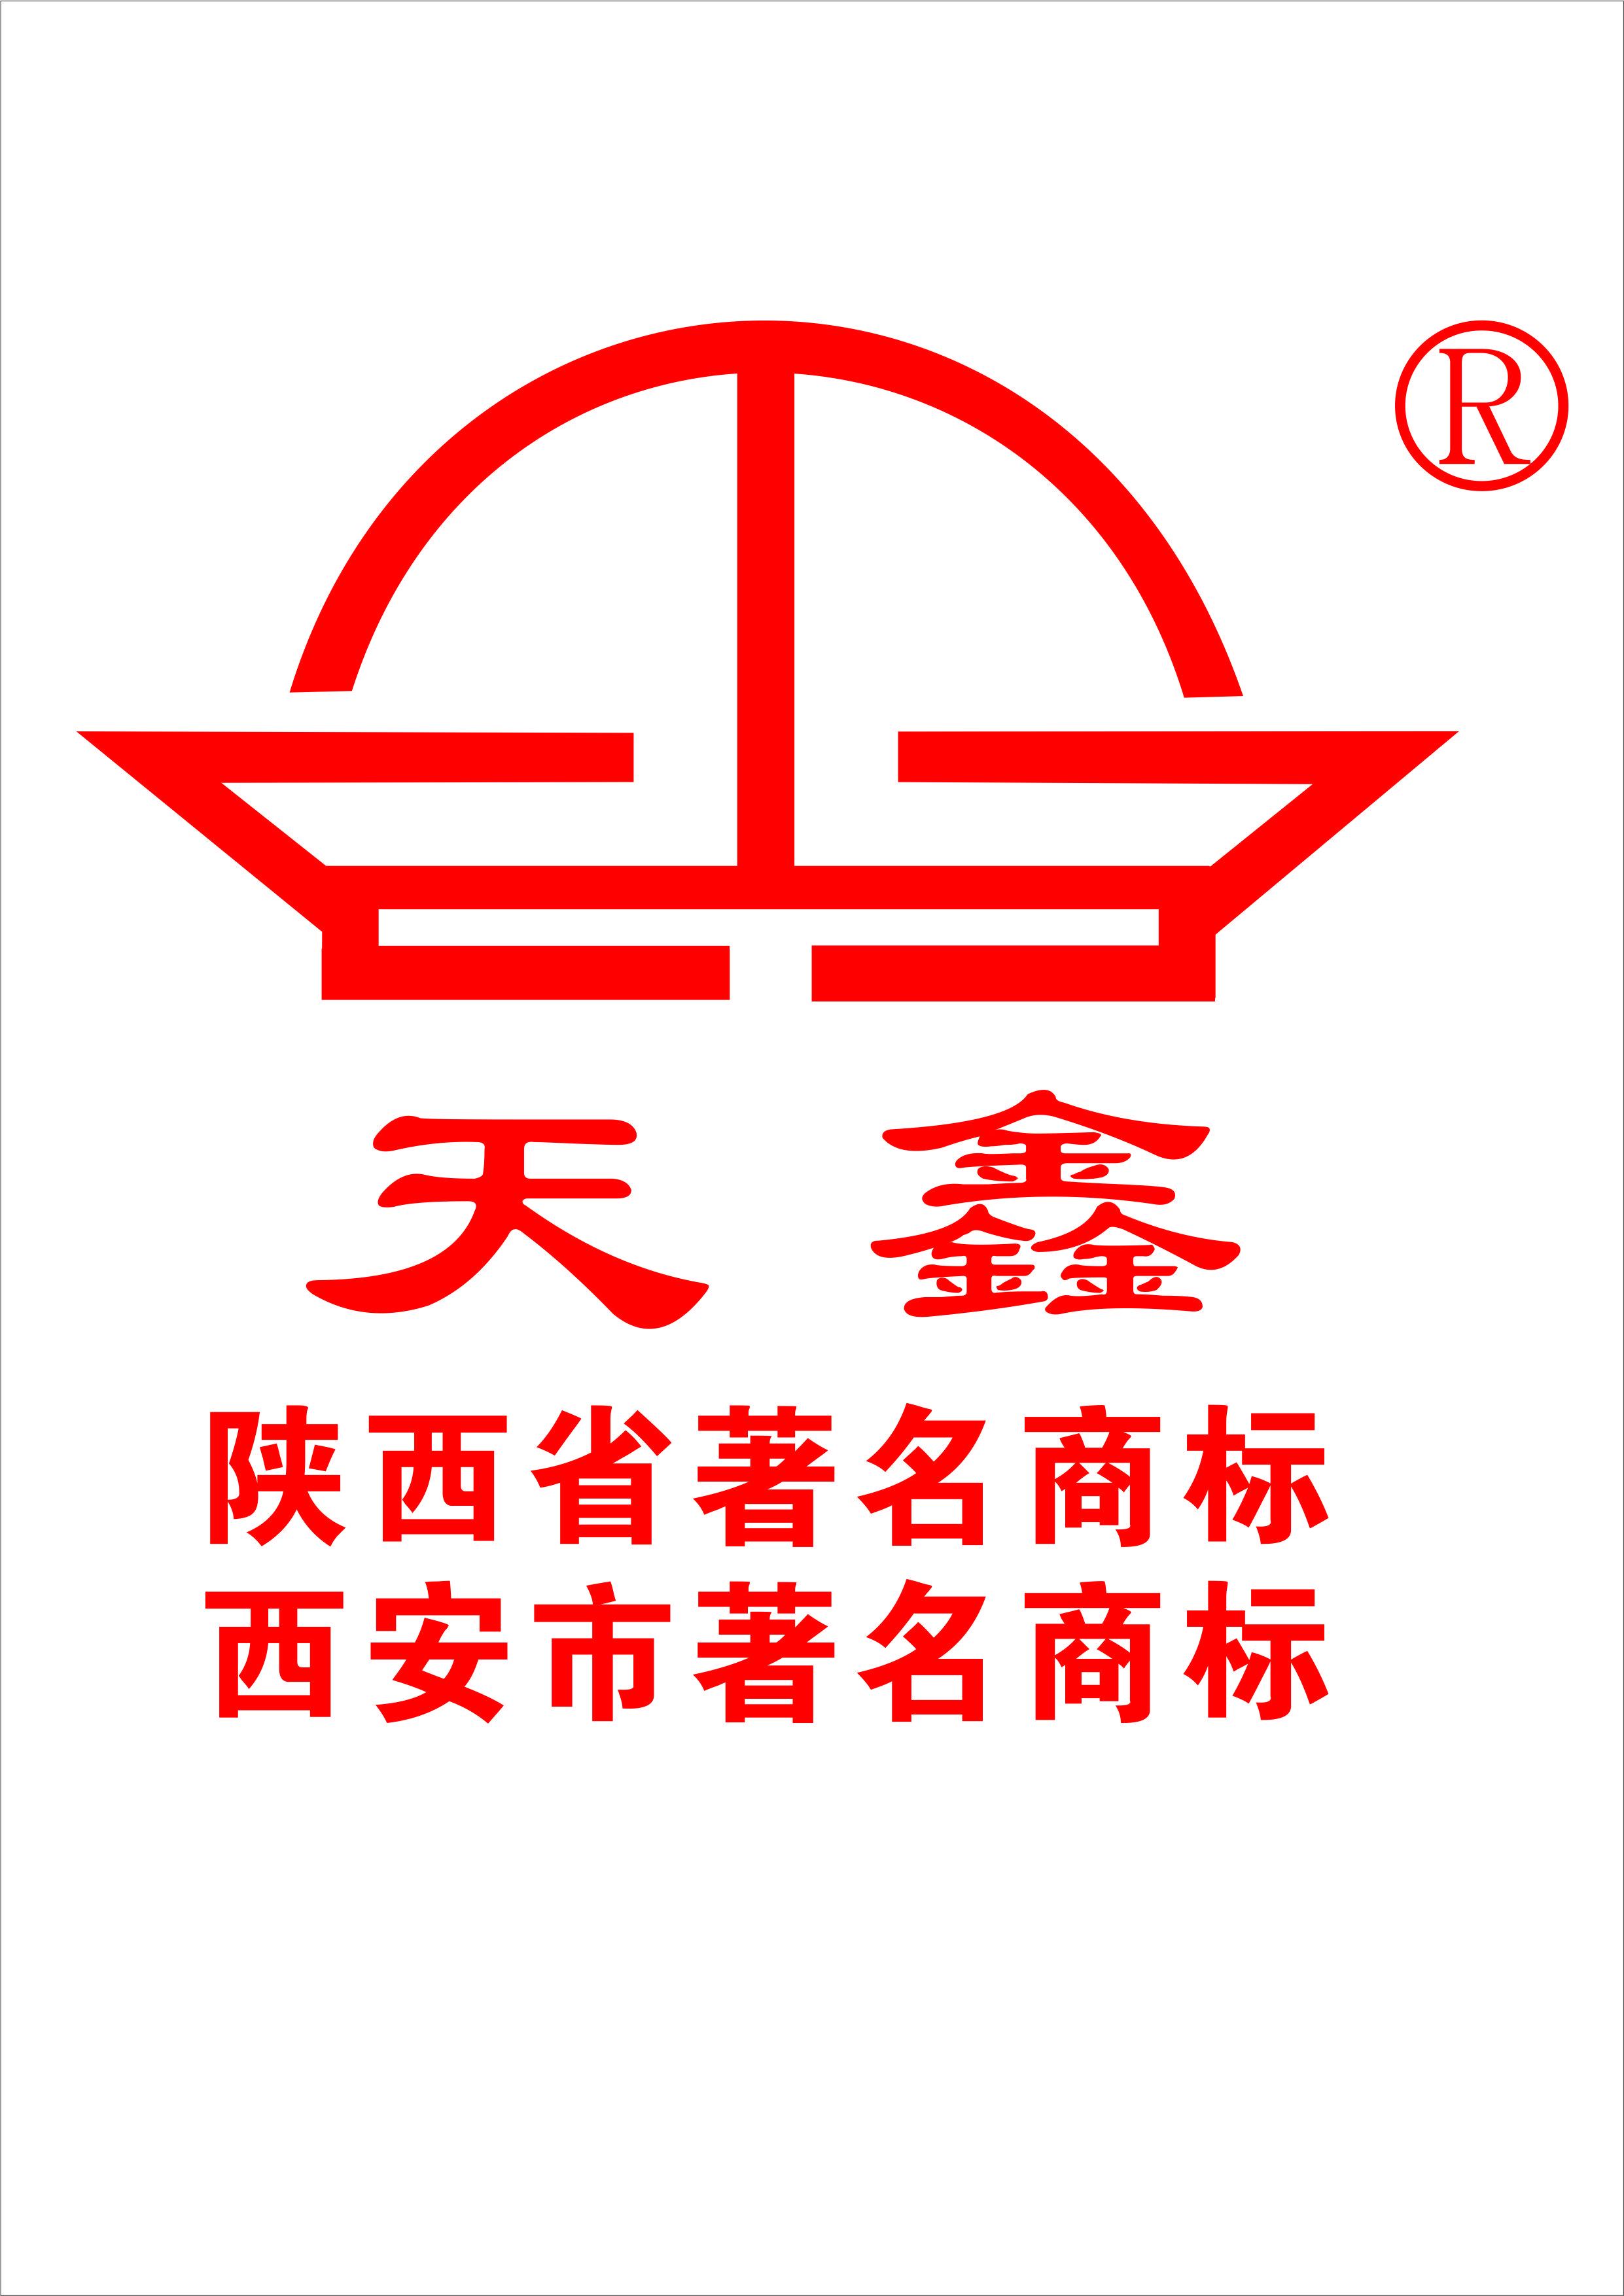 陕西天鑫食品有限责任公司